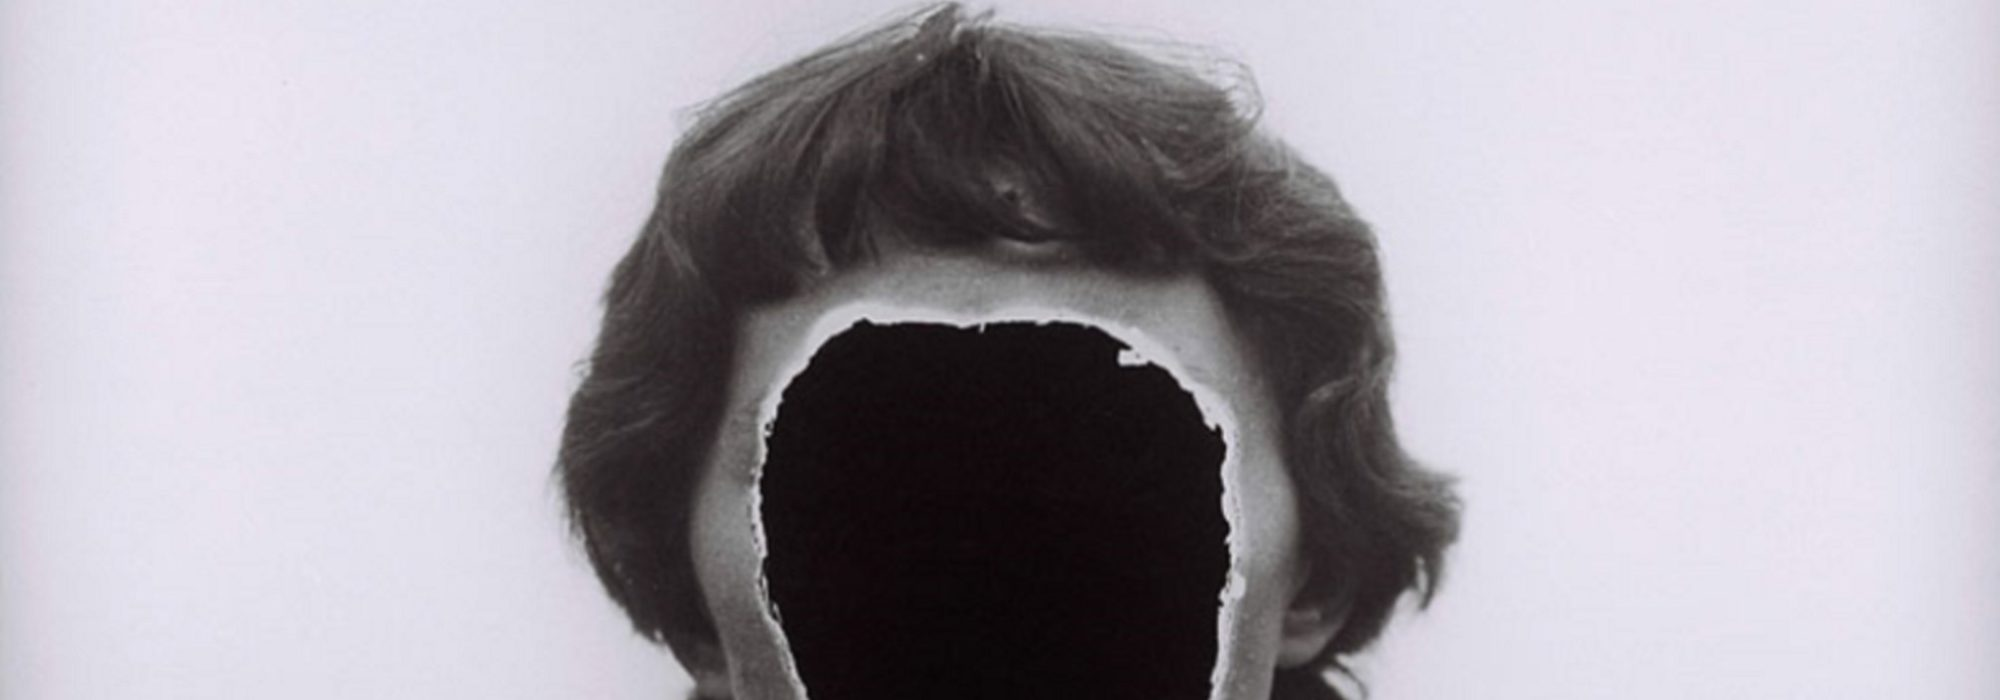 Imagem: Wife Portrait (Zdzislaw Beksinski, 1956-57)